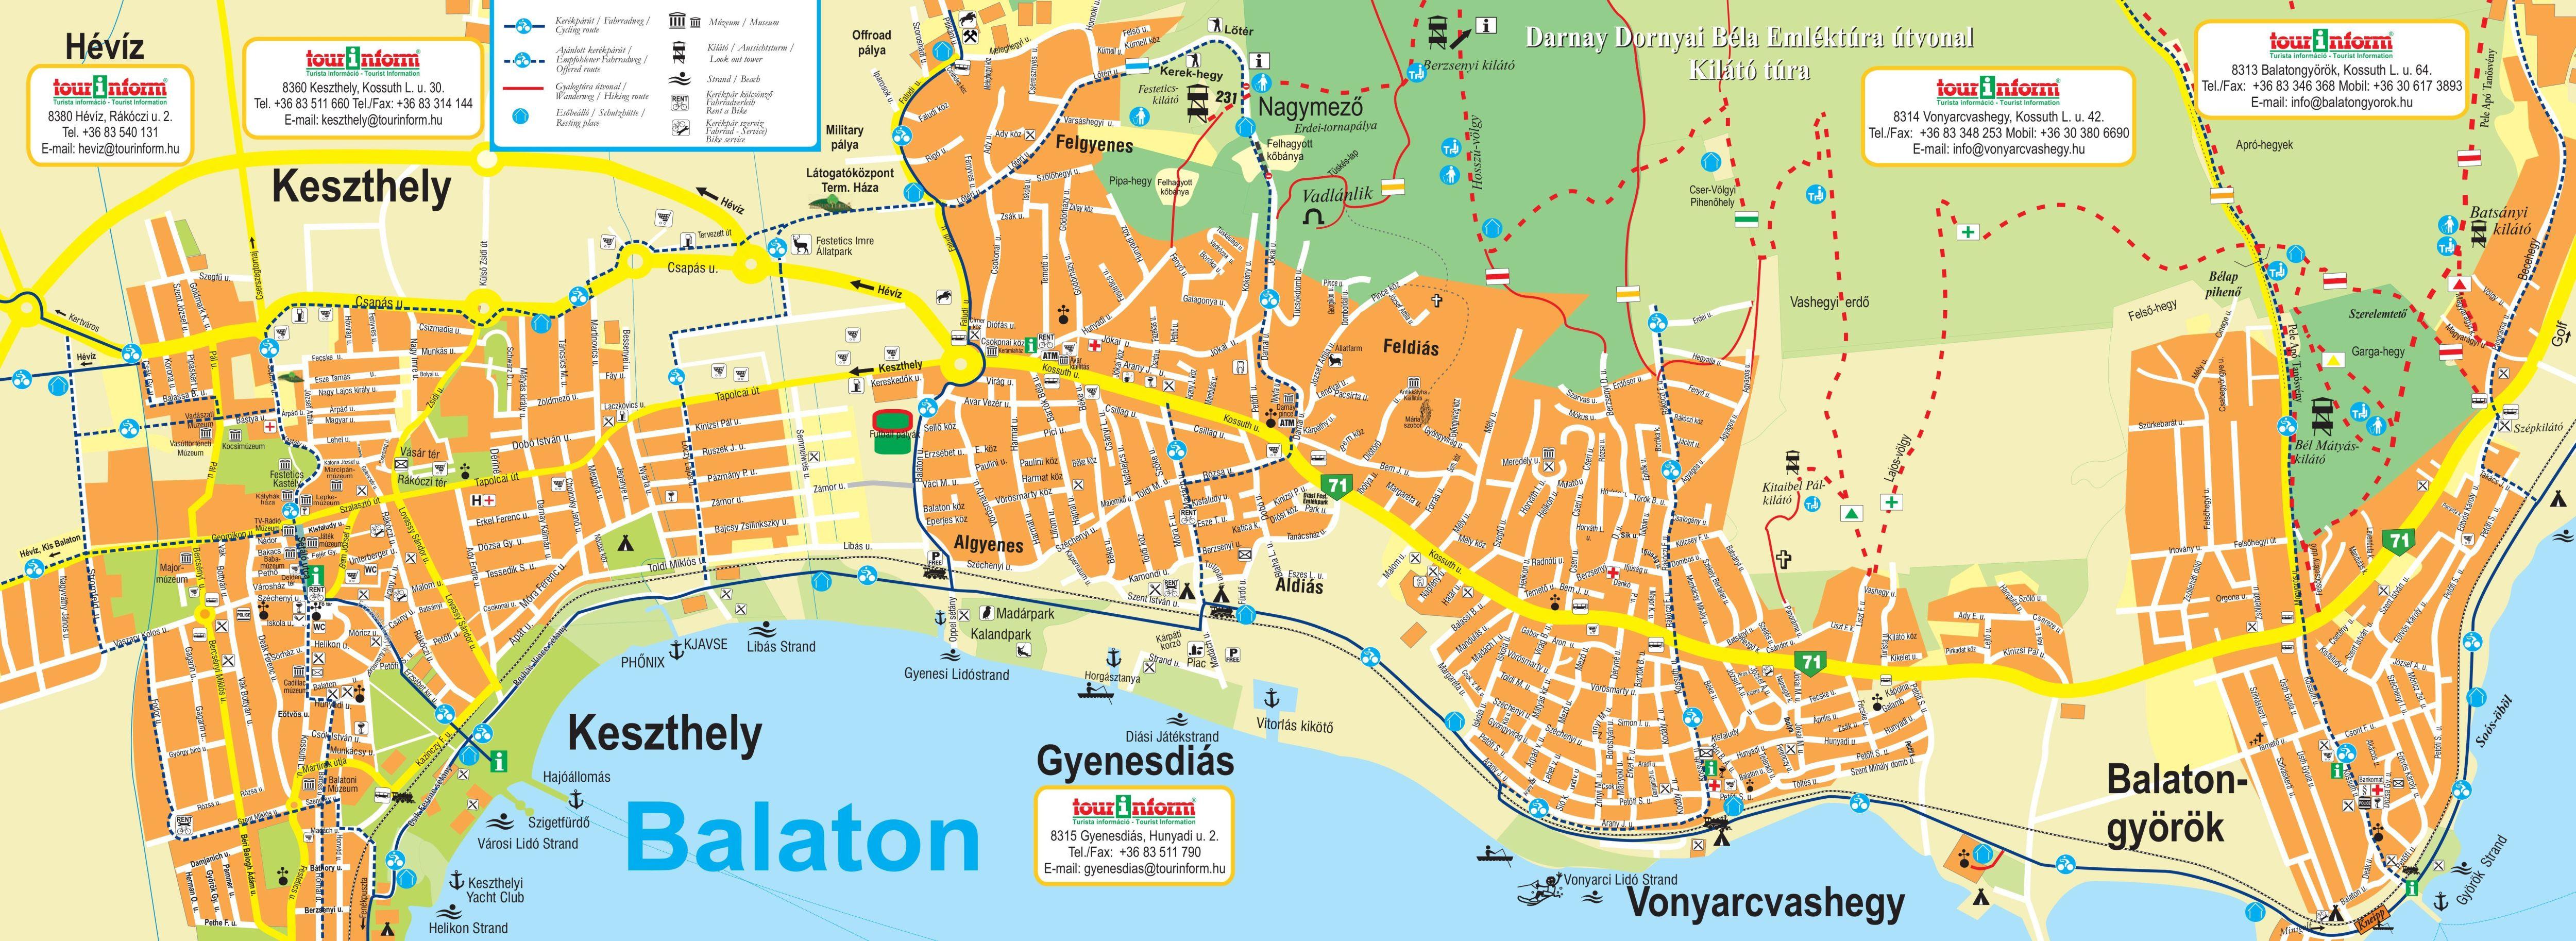 balaton gyenesdiás térkép West Balaton Sétatérkép | West Balaton.hu balaton gyenesdiás térkép